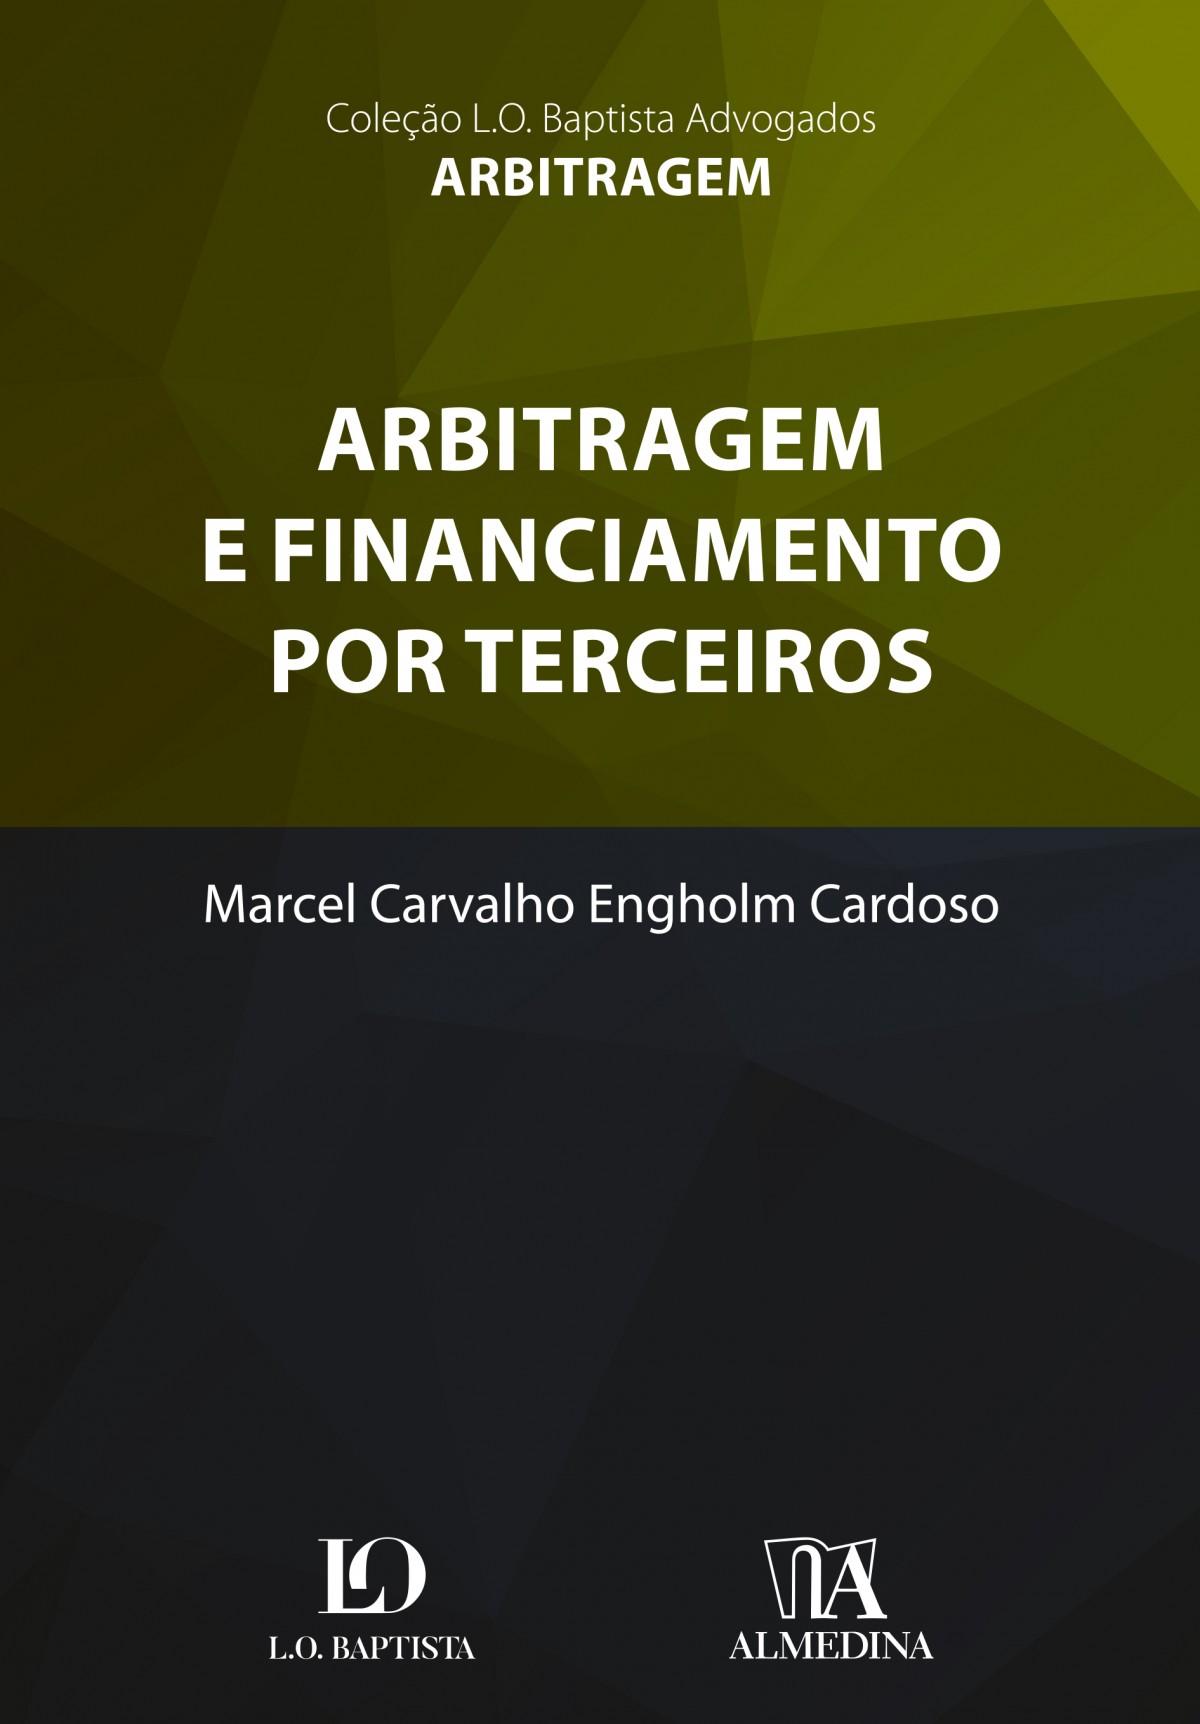 Foto 1 - Arbitragem e Financiamento por Terceiros